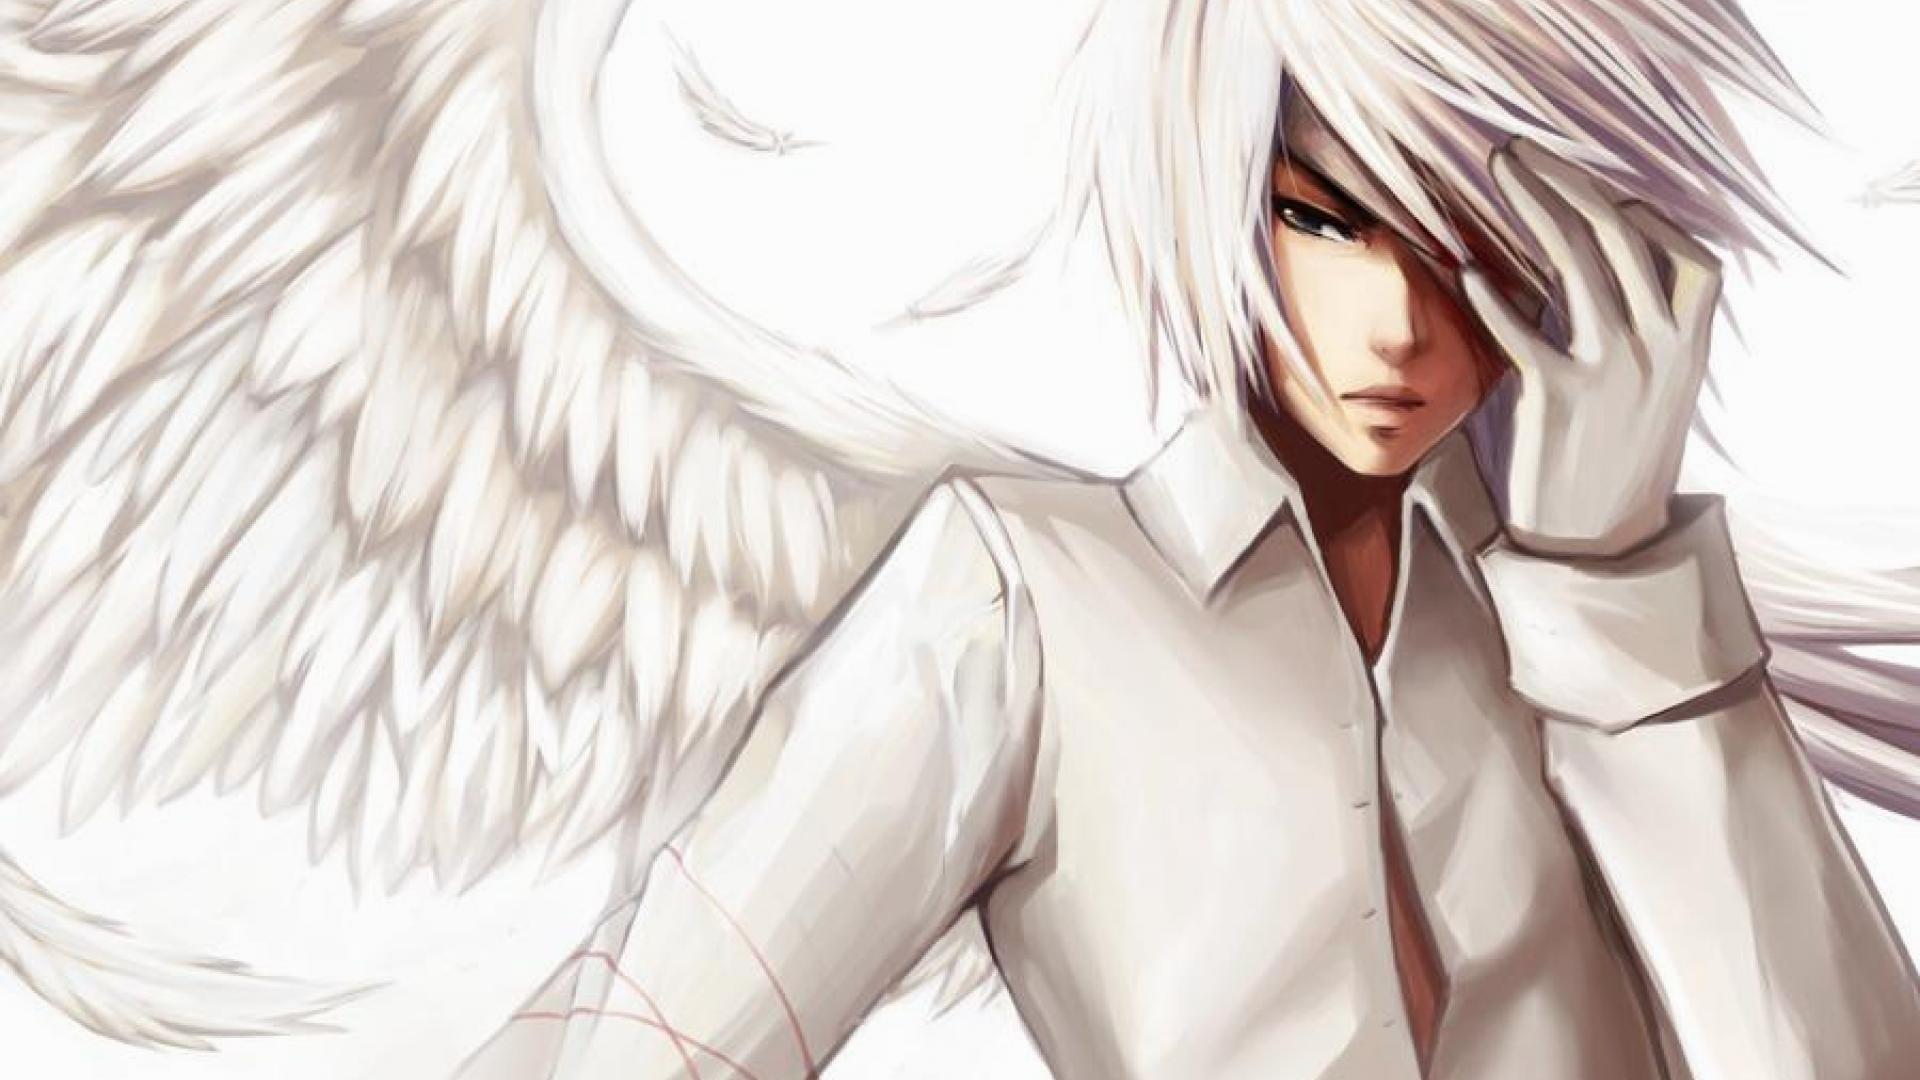 wallpaper.wiki-White-Anime-Boy-Angel-Wallpaper-PIC-